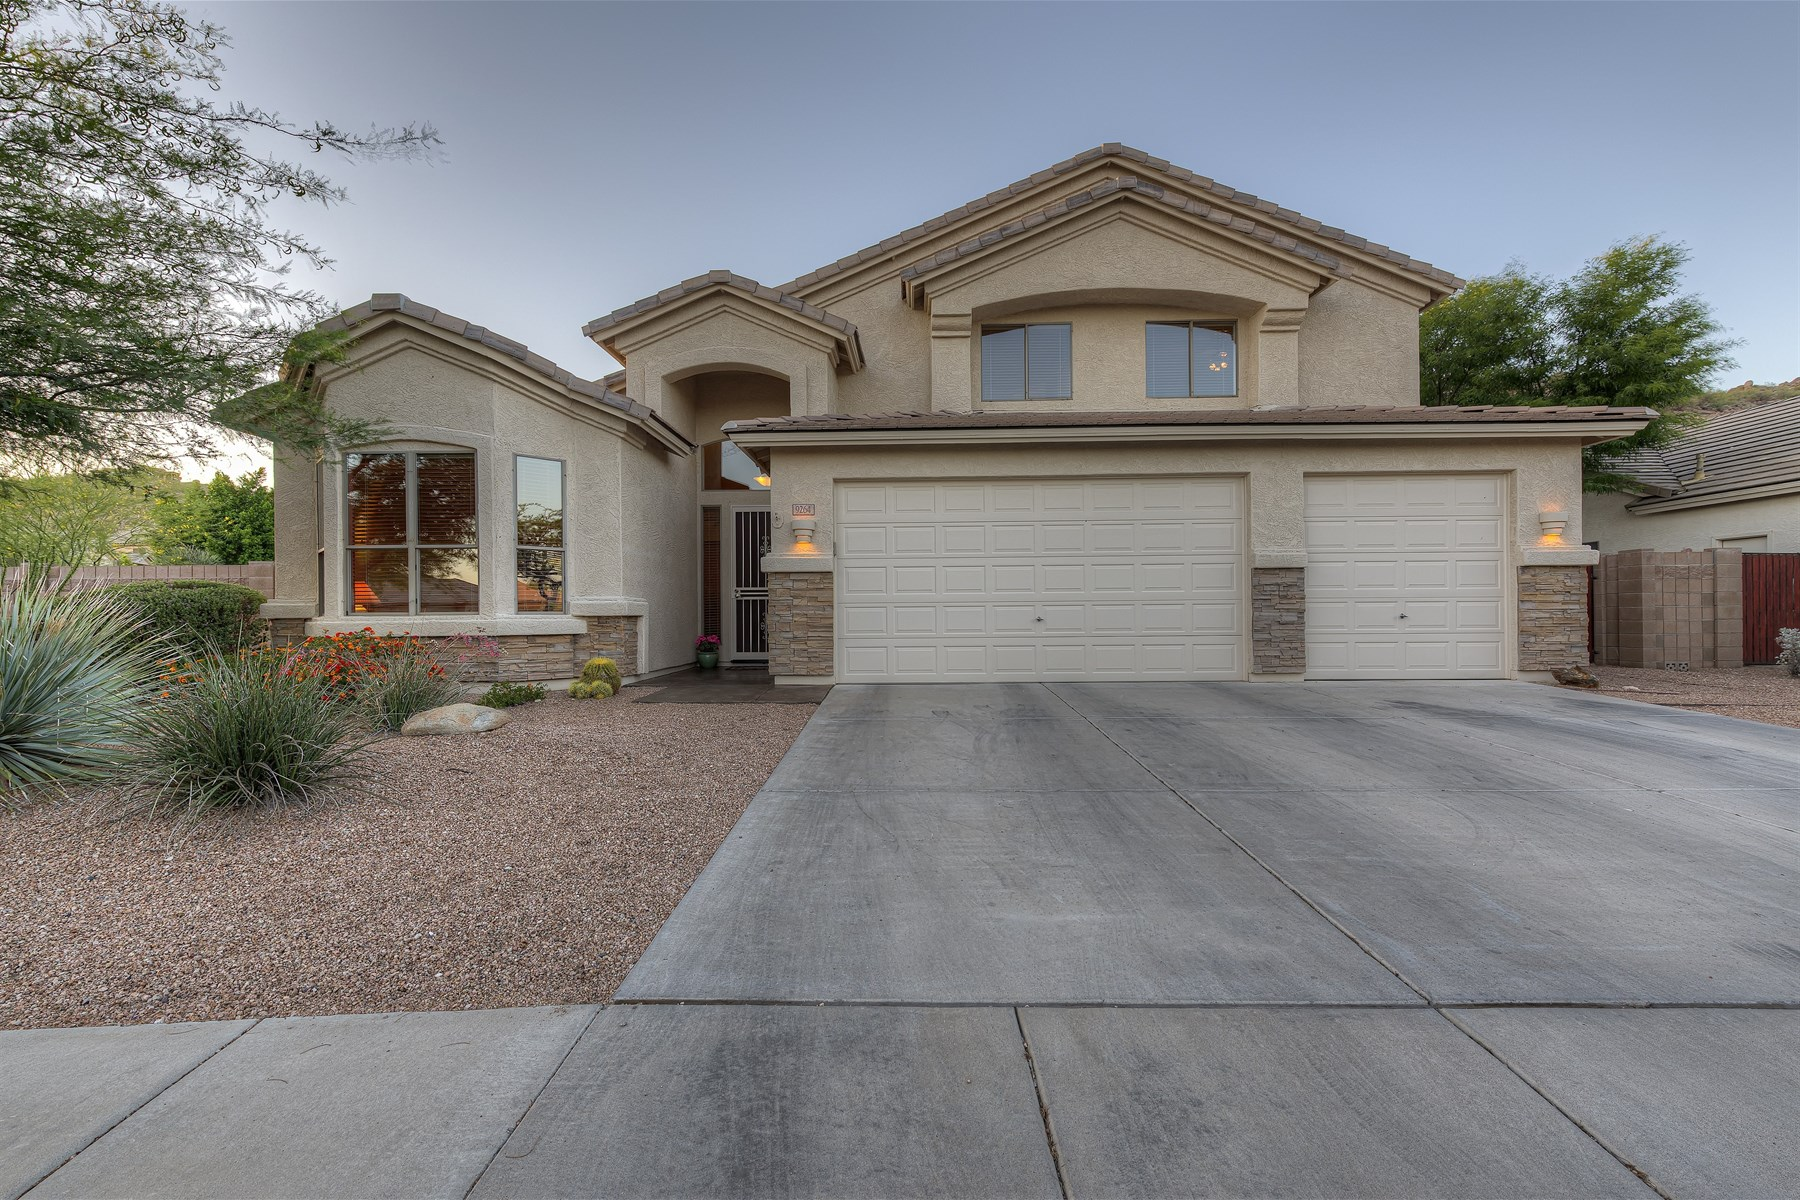 Nhà ở một gia đình vì Bán tại Stunning executive home on premium corner lot 9264 E MALLORY ST Mesa, Arizona 85207 Hoa Kỳ